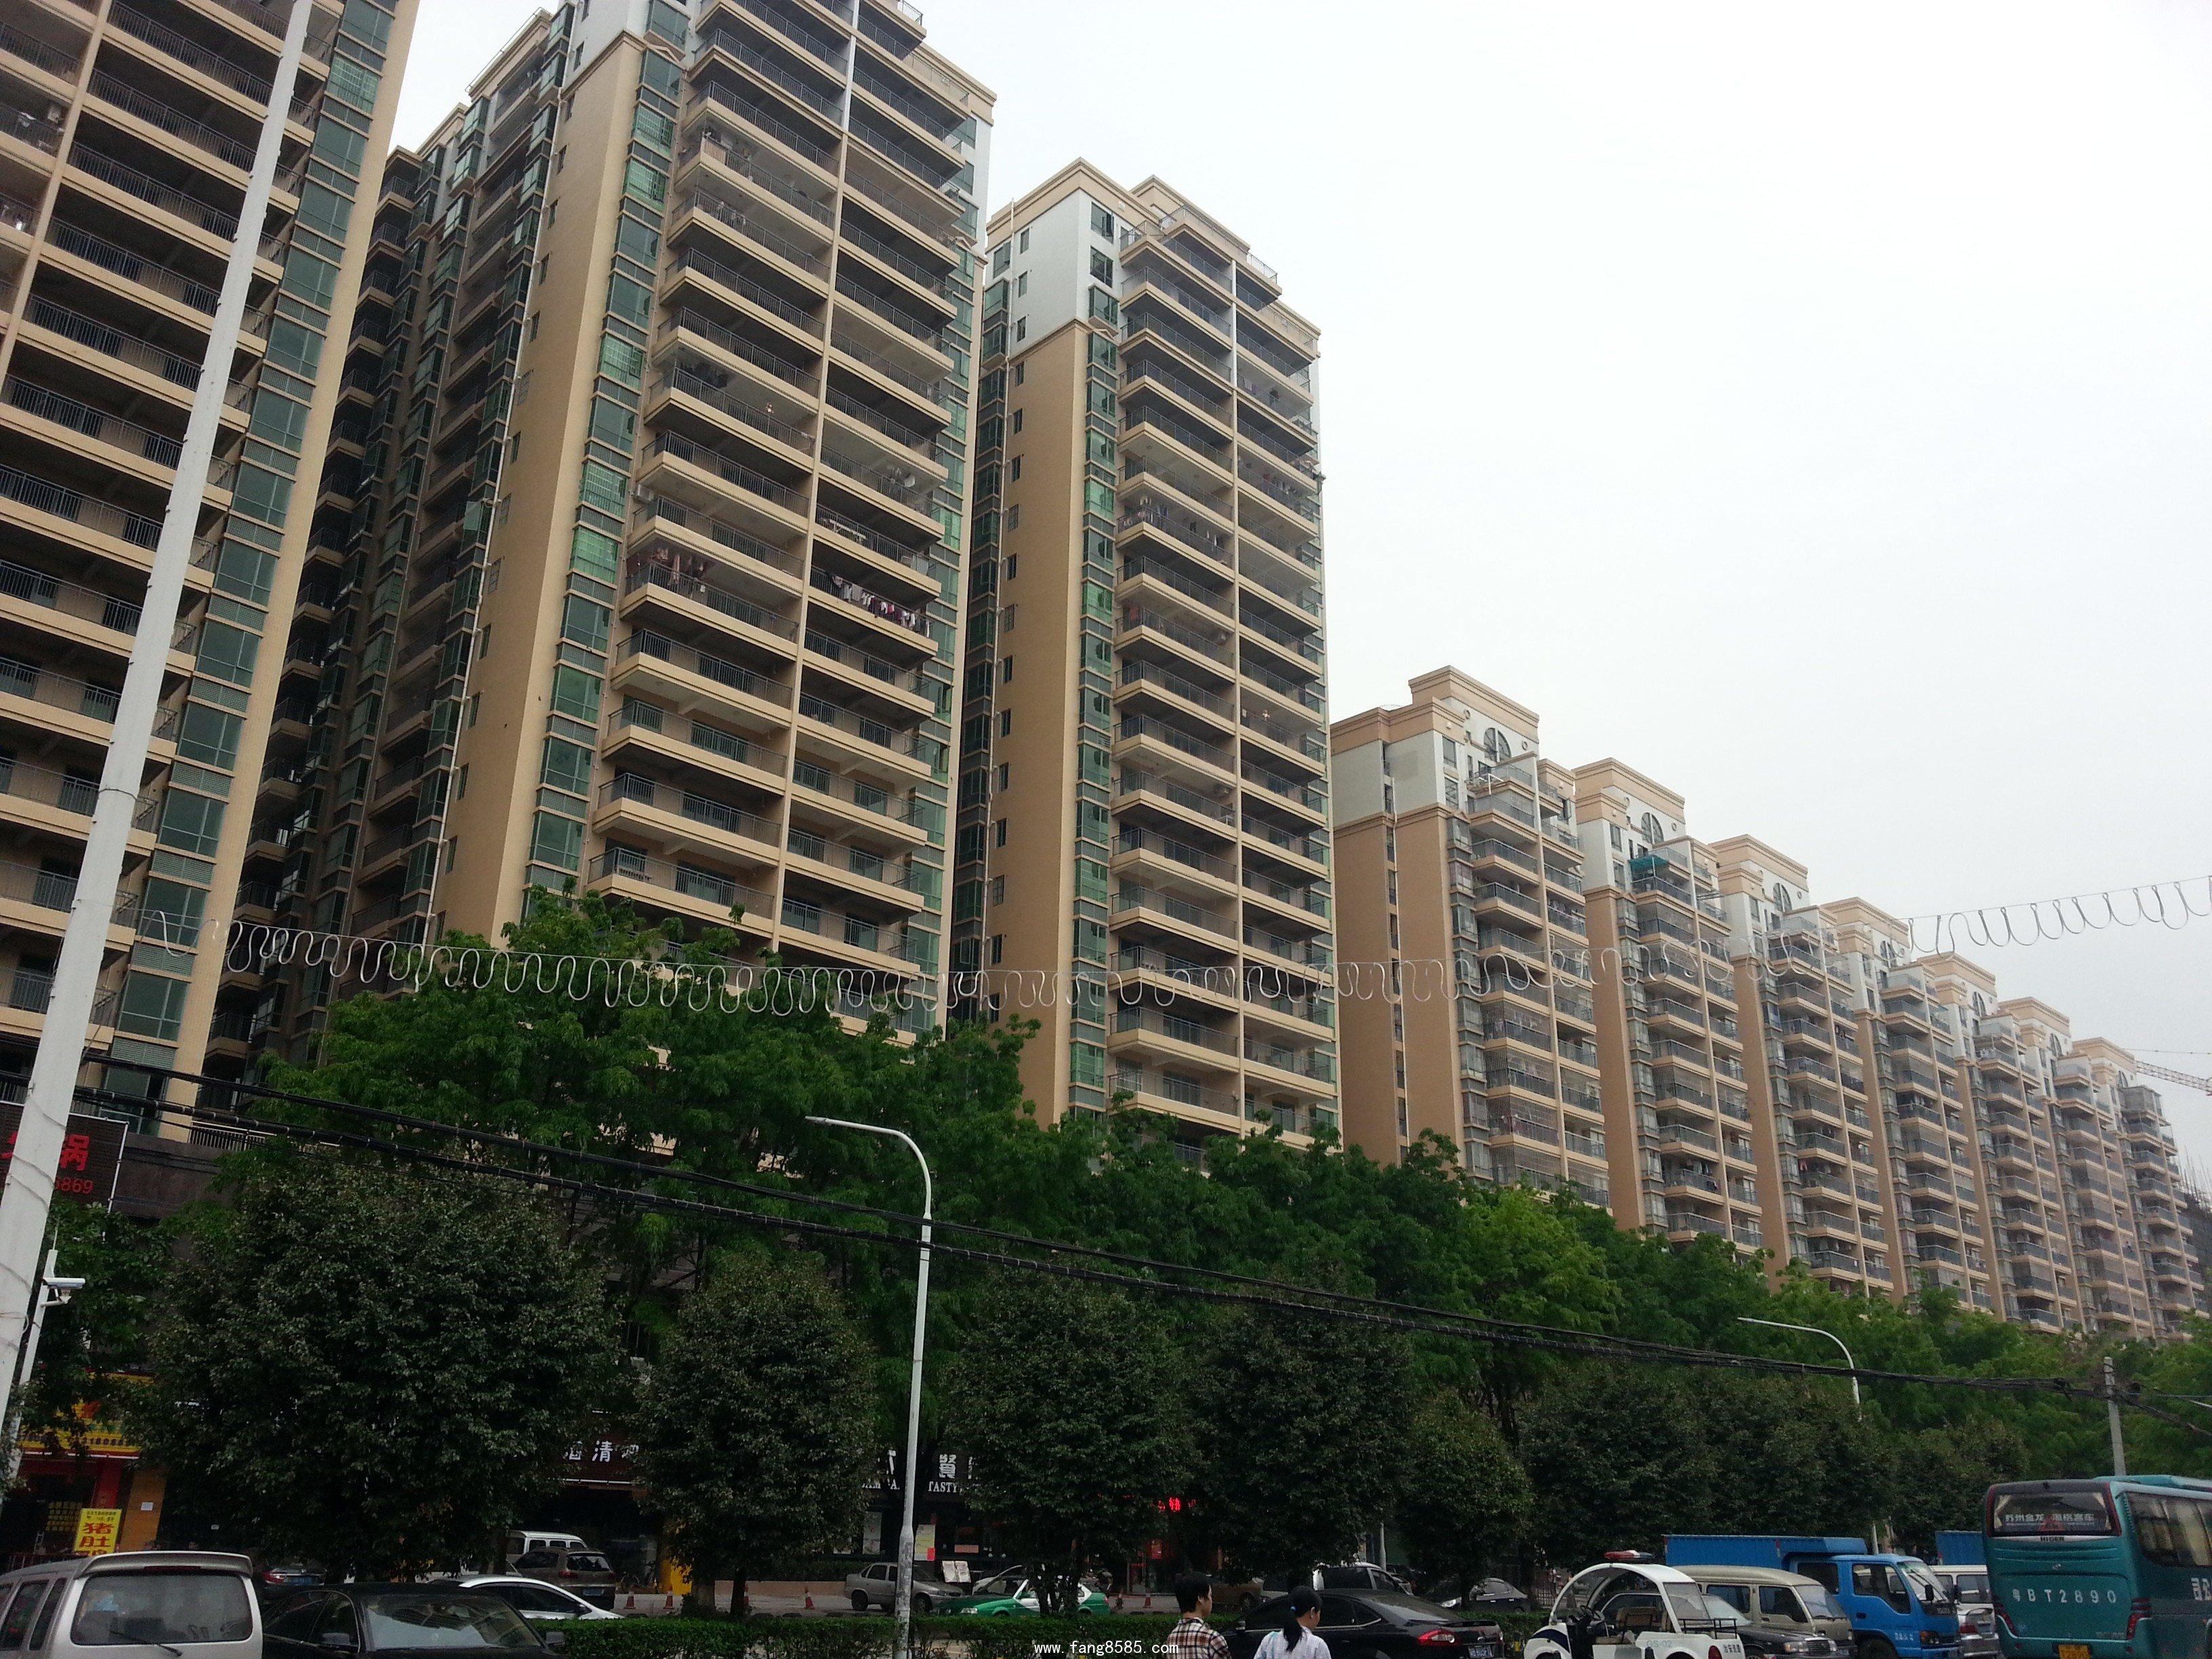 福永地铁口小产权村委统建楼【凤凰家园】桥头地铁口22栋大型社区